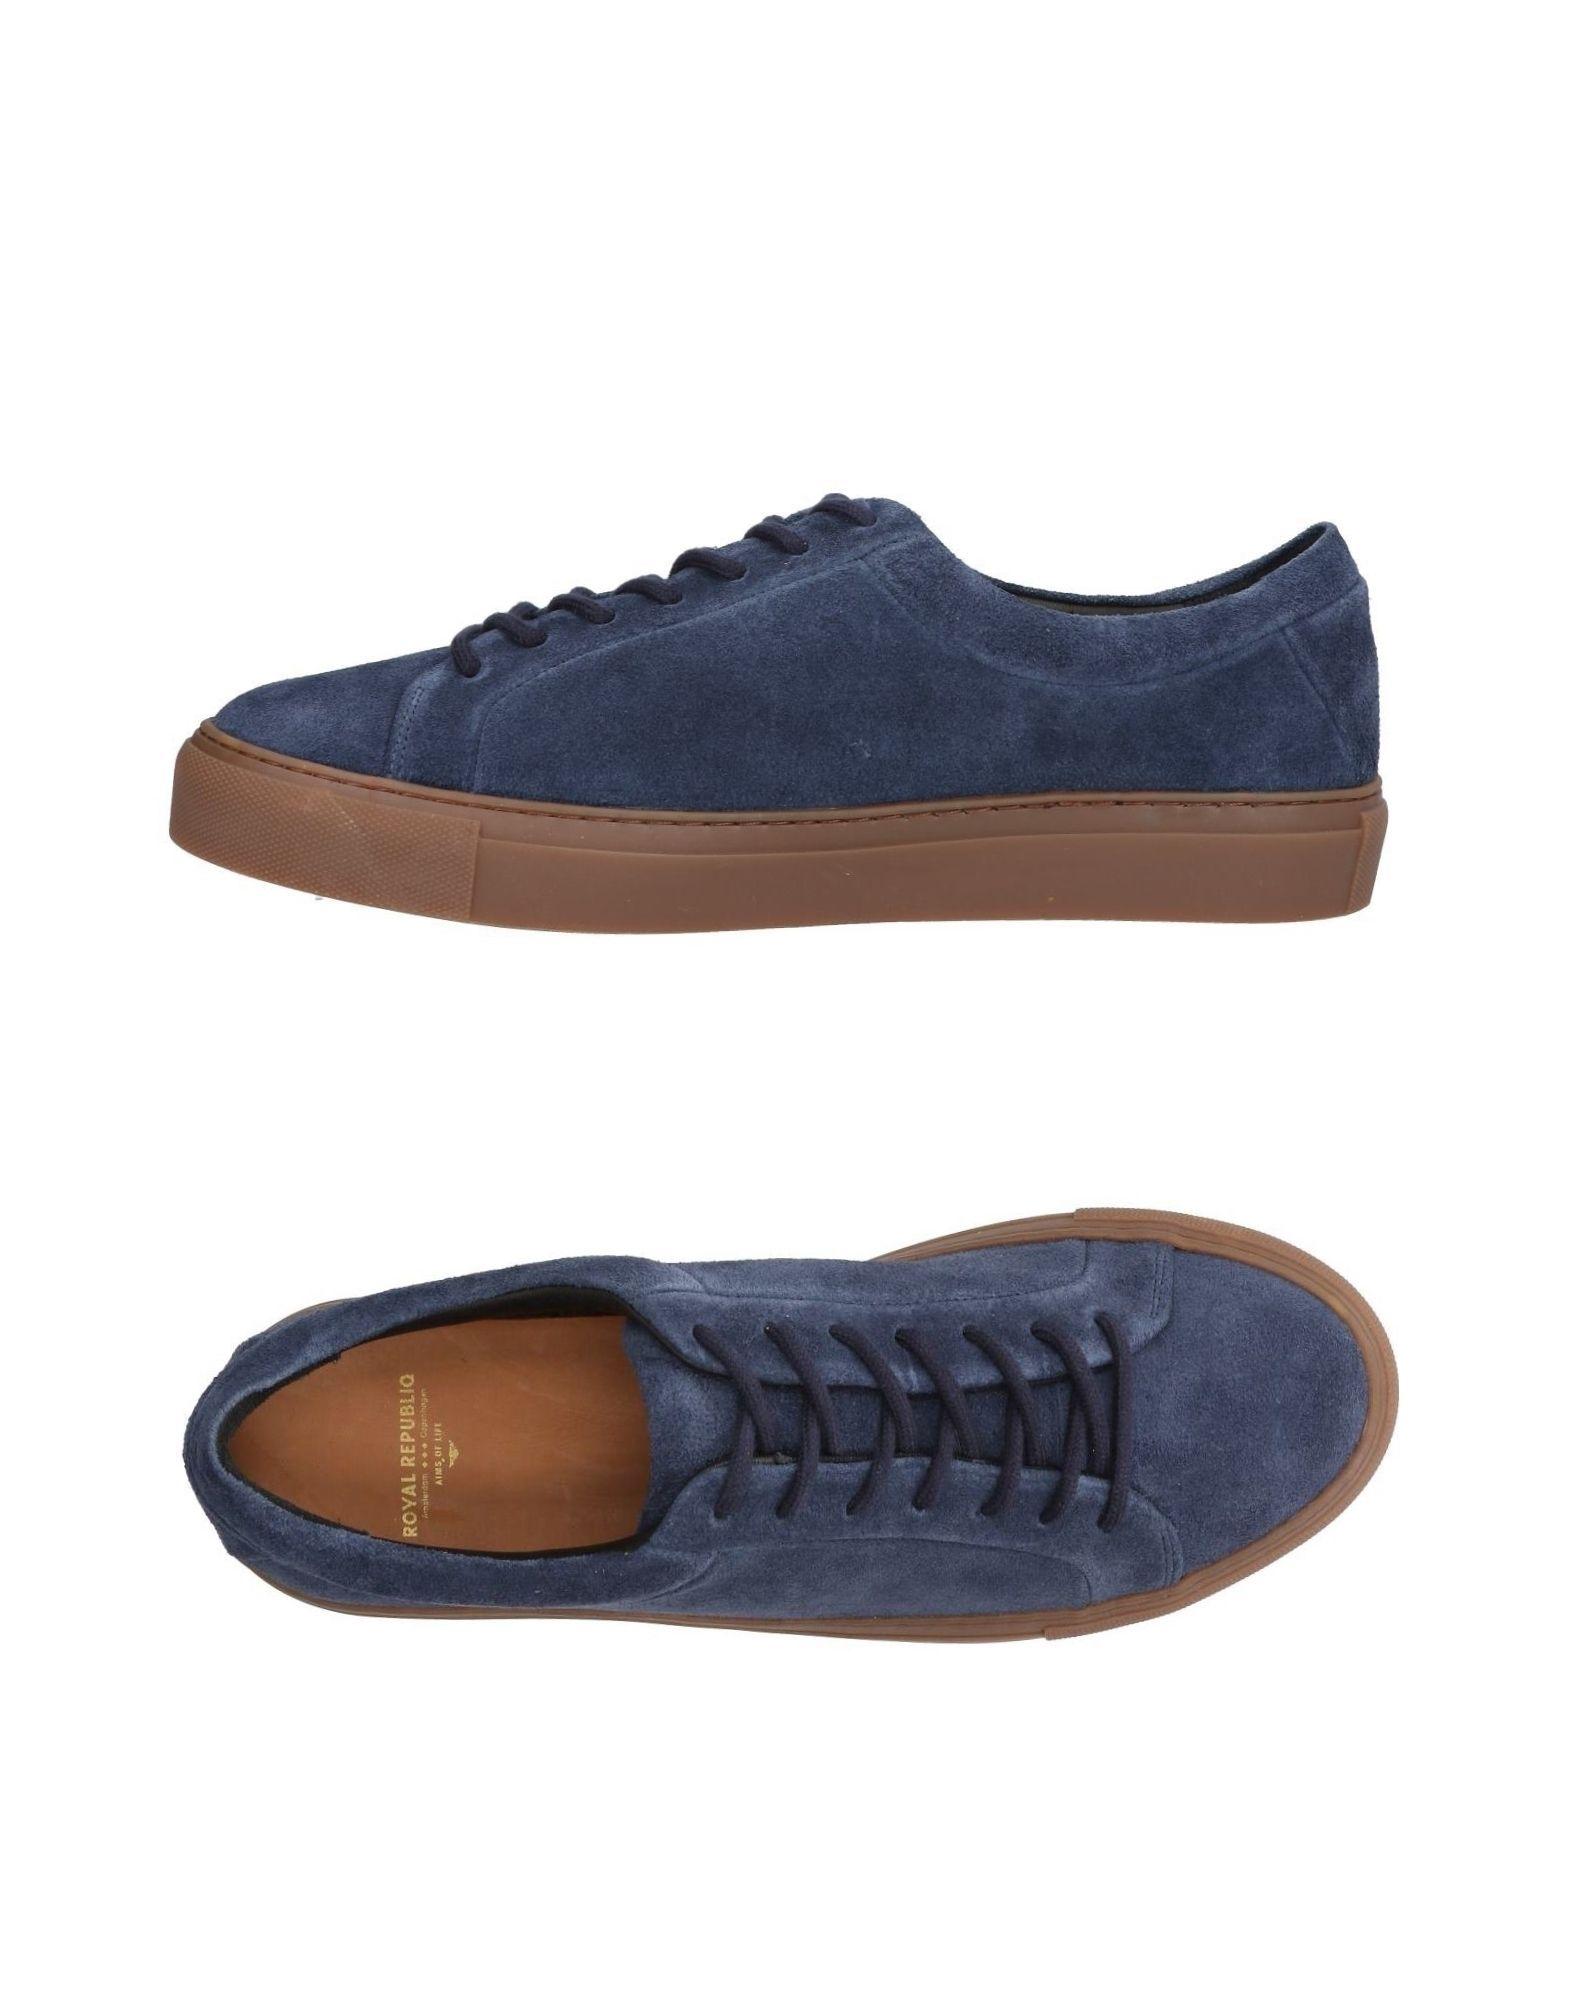 Chaussures - Bas-tops Et Baskets Lc23 Pour Adr cBrTmrl